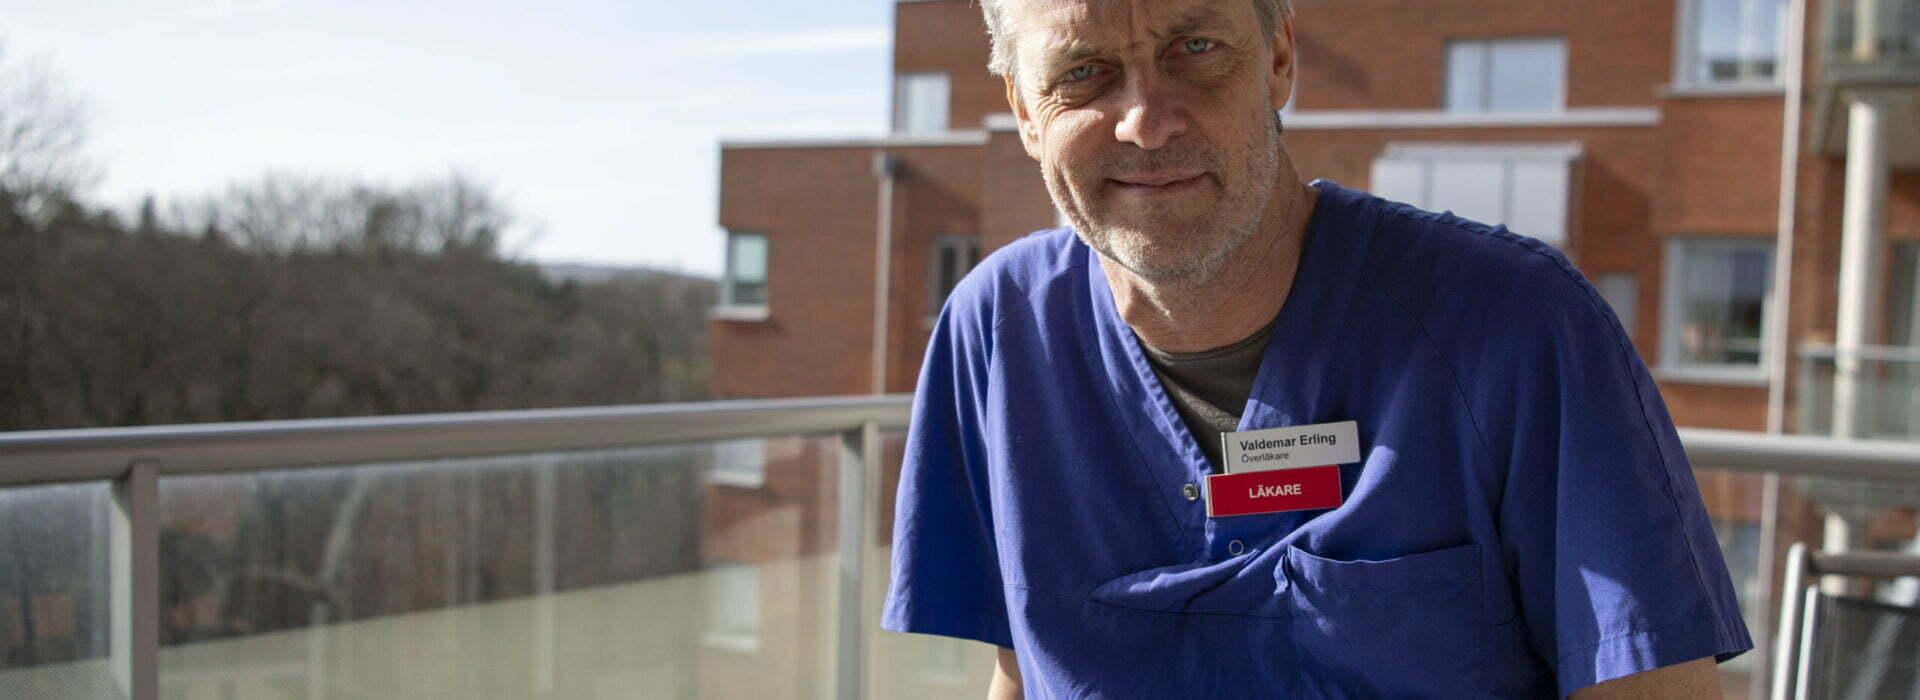 Valdemar Erling i läkarkläder på en balkong.